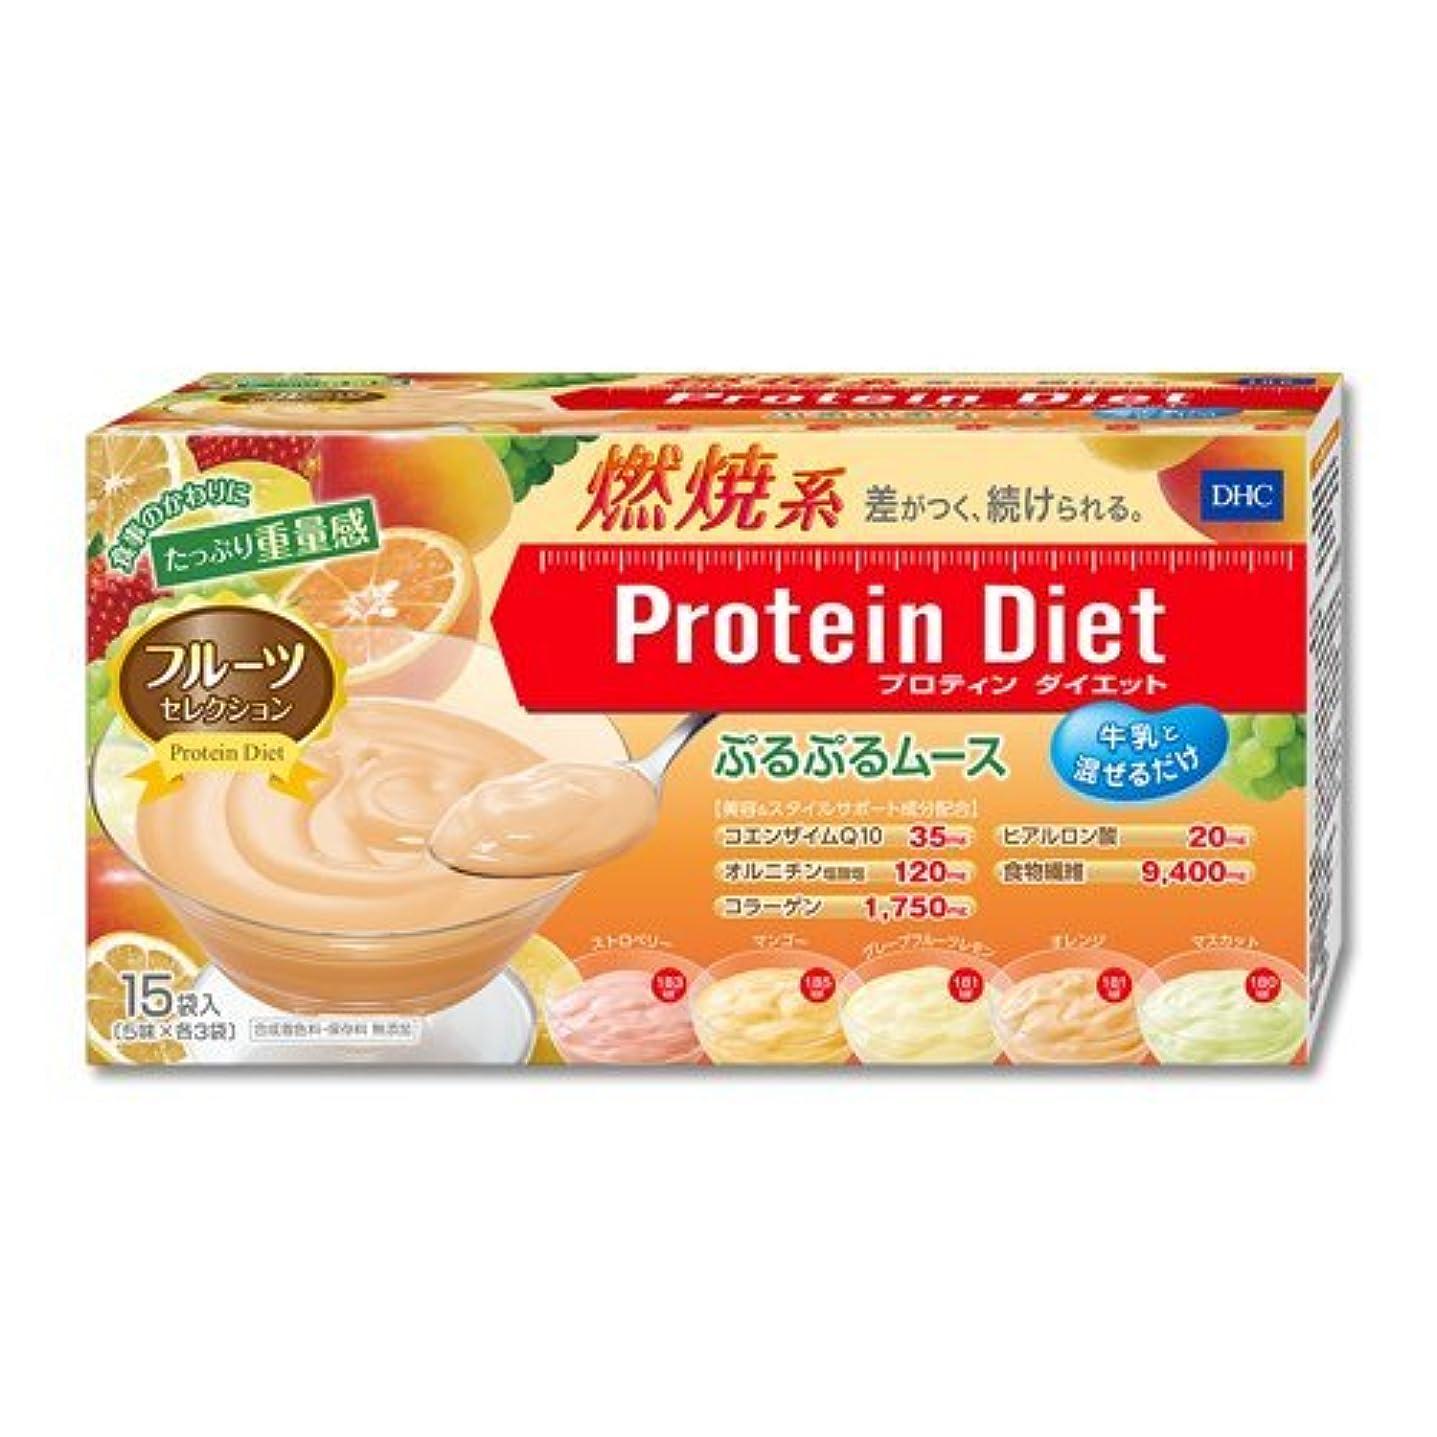 栄光解釈すぐにDHCプロティンダイエットぷるぷるムース フルーツセレクション 15袋入